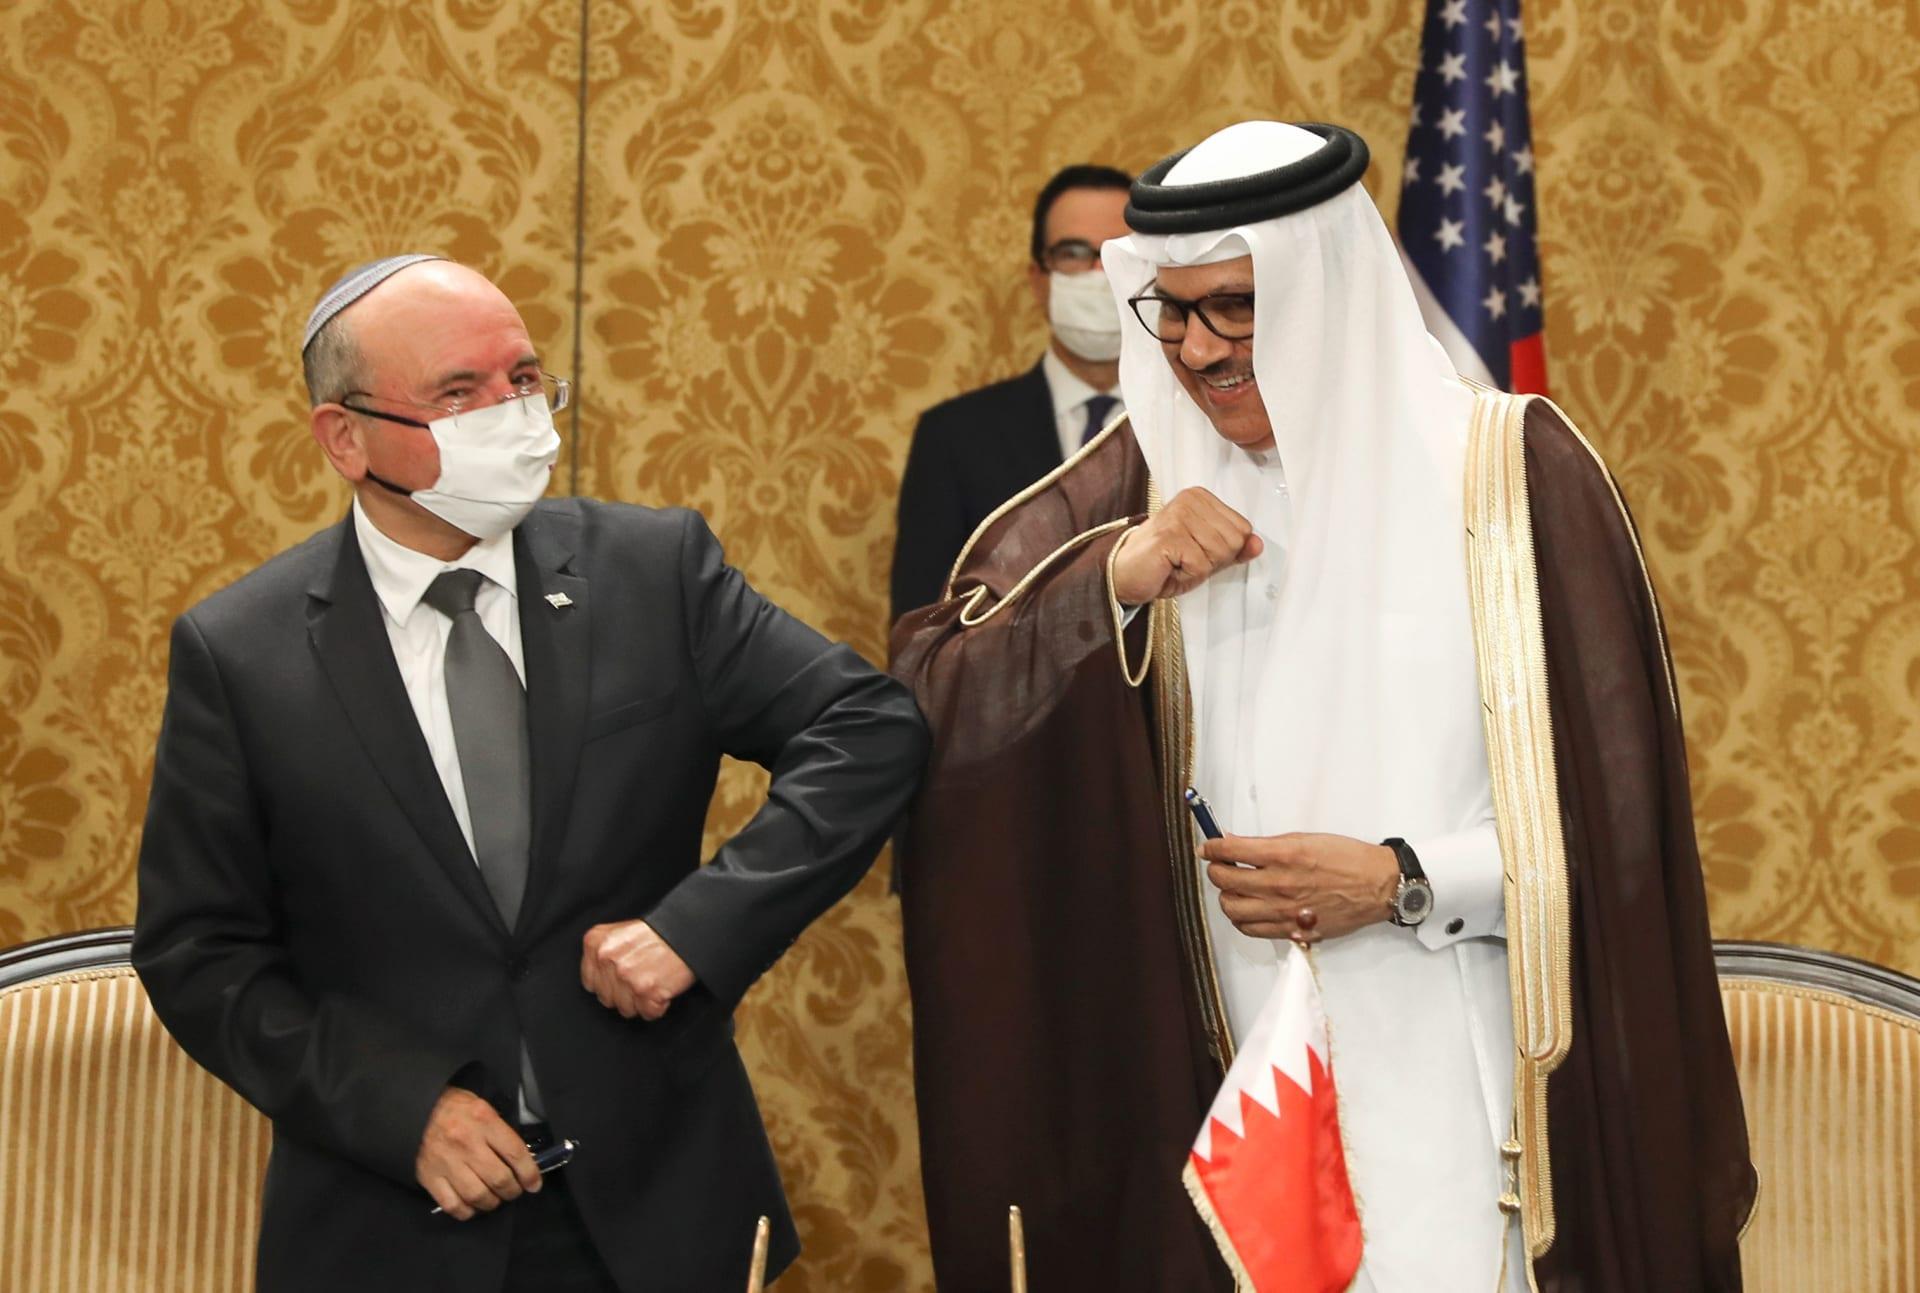 وزير خارجية البحرين عبداللطيف الزياني يحيي مائير بن شبات